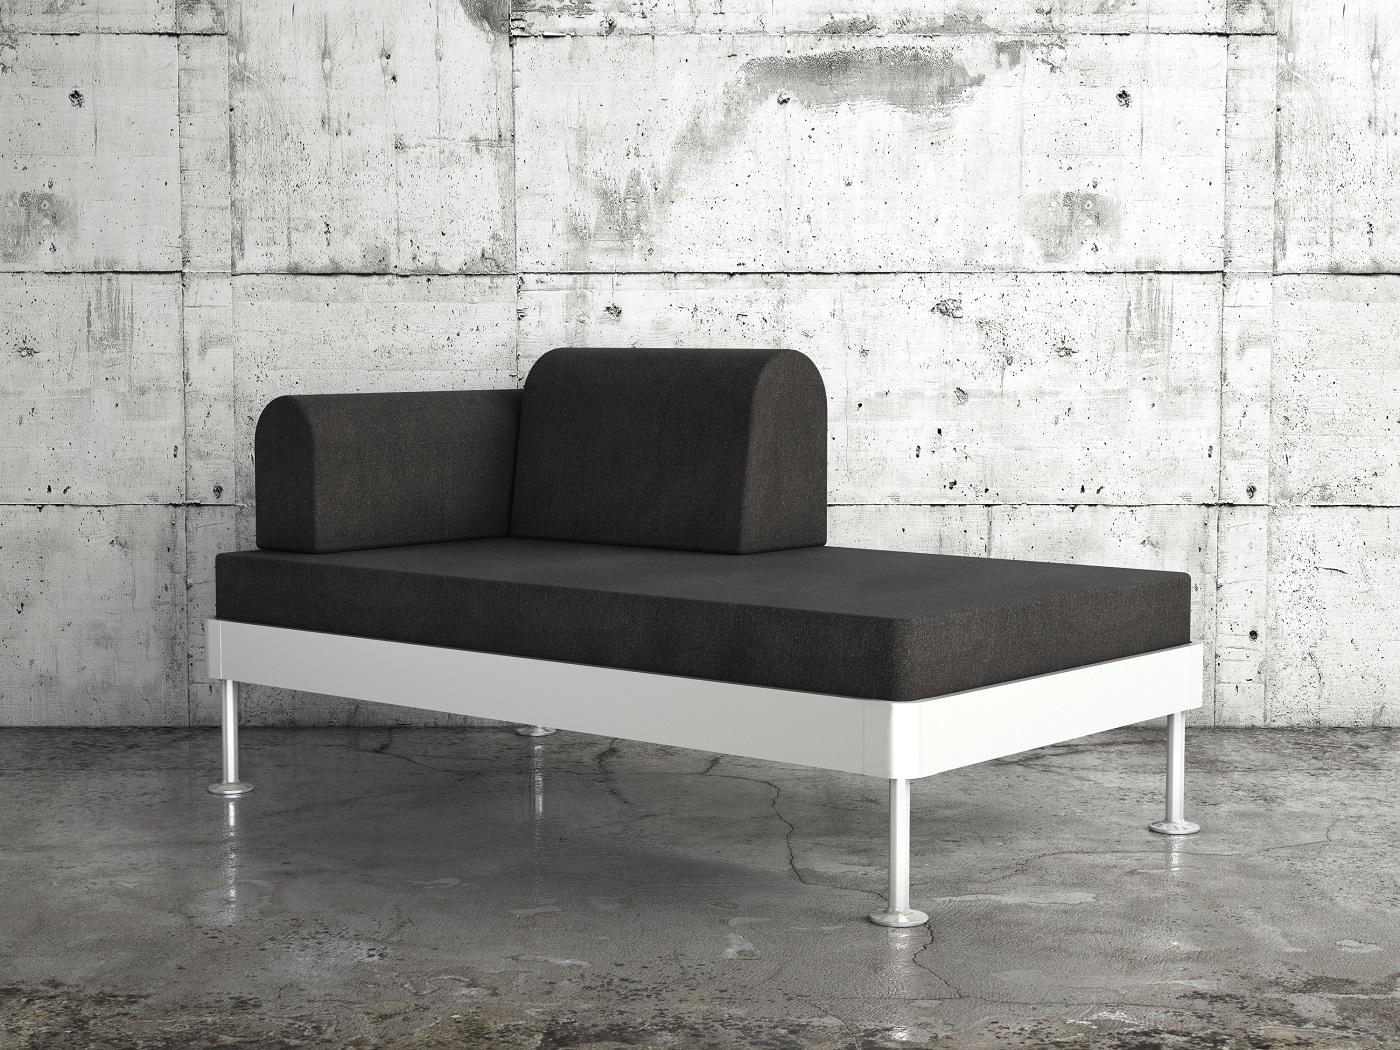 Sofę DELAKTIG można modyfikować i adaptować w zależności od potrzeb oraz różnych stylów wnętrza. Dzięki wyborowi pokrycia, dodaniu poduszek, lamp czy stolika montowanego z boku sofy, mebel może zyskać bardziej osobisty charakter.